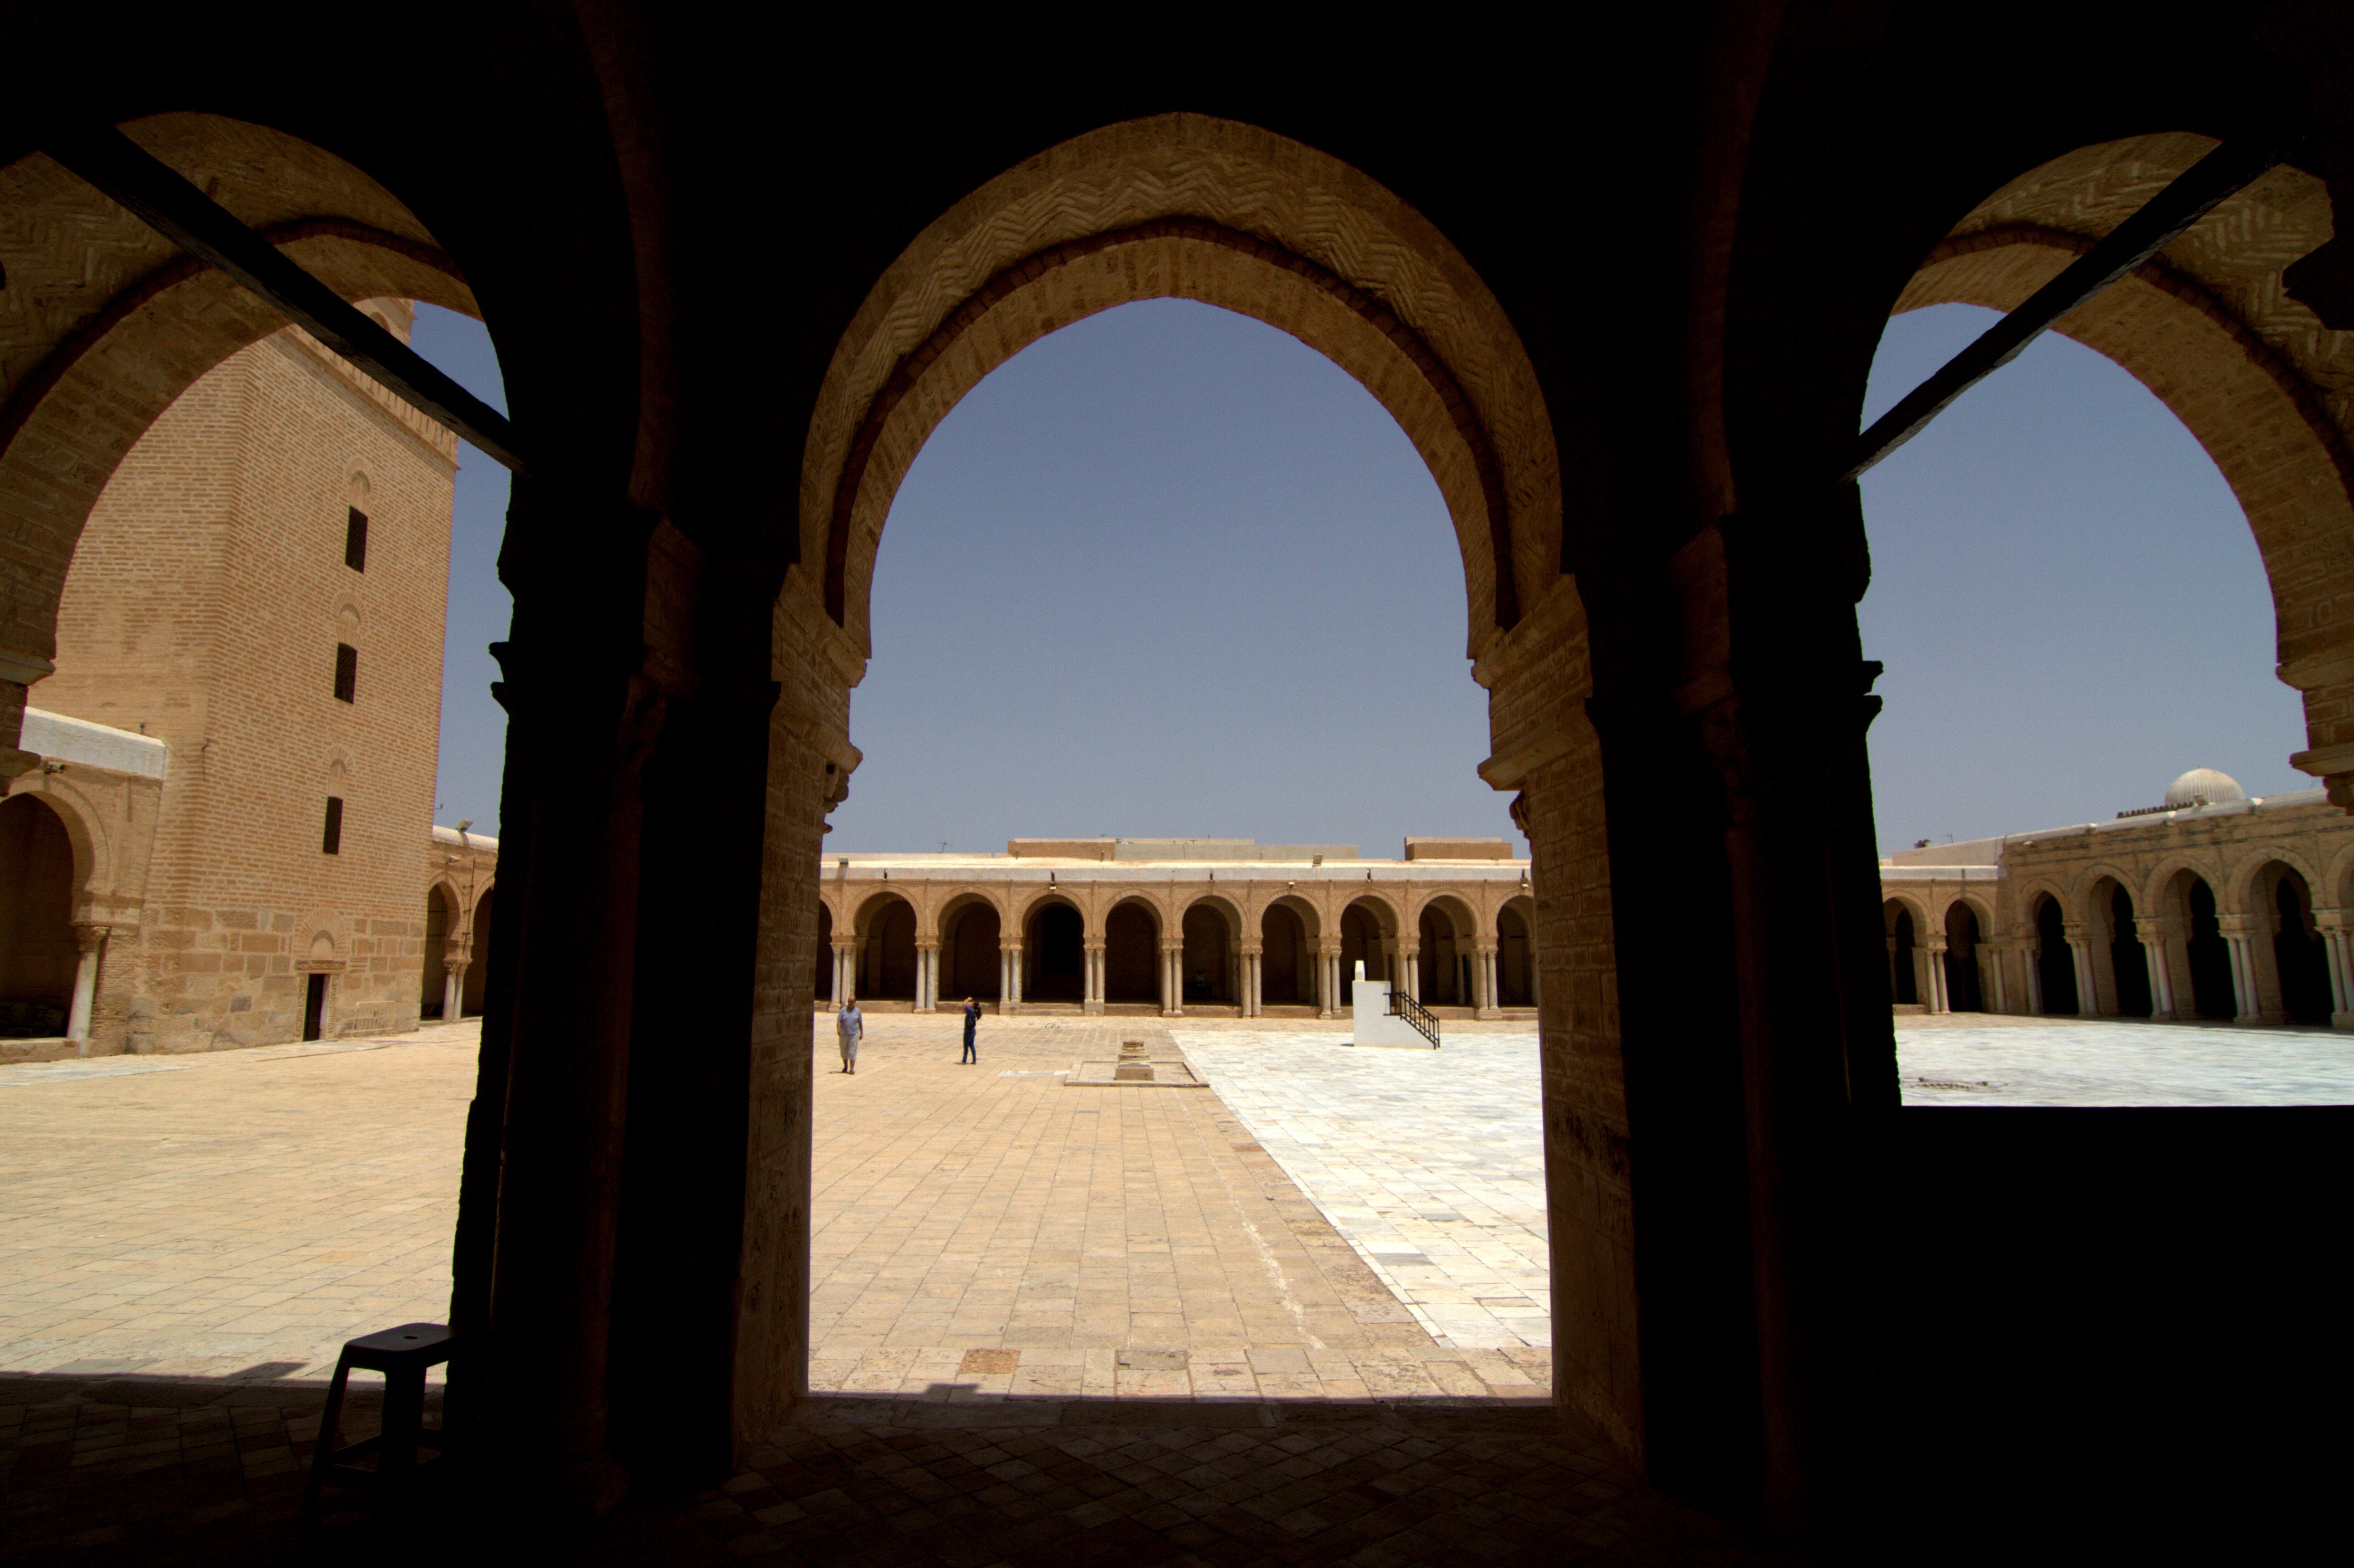 Kairouan Mosque Wiki File:kairouan Mosque Courtyard